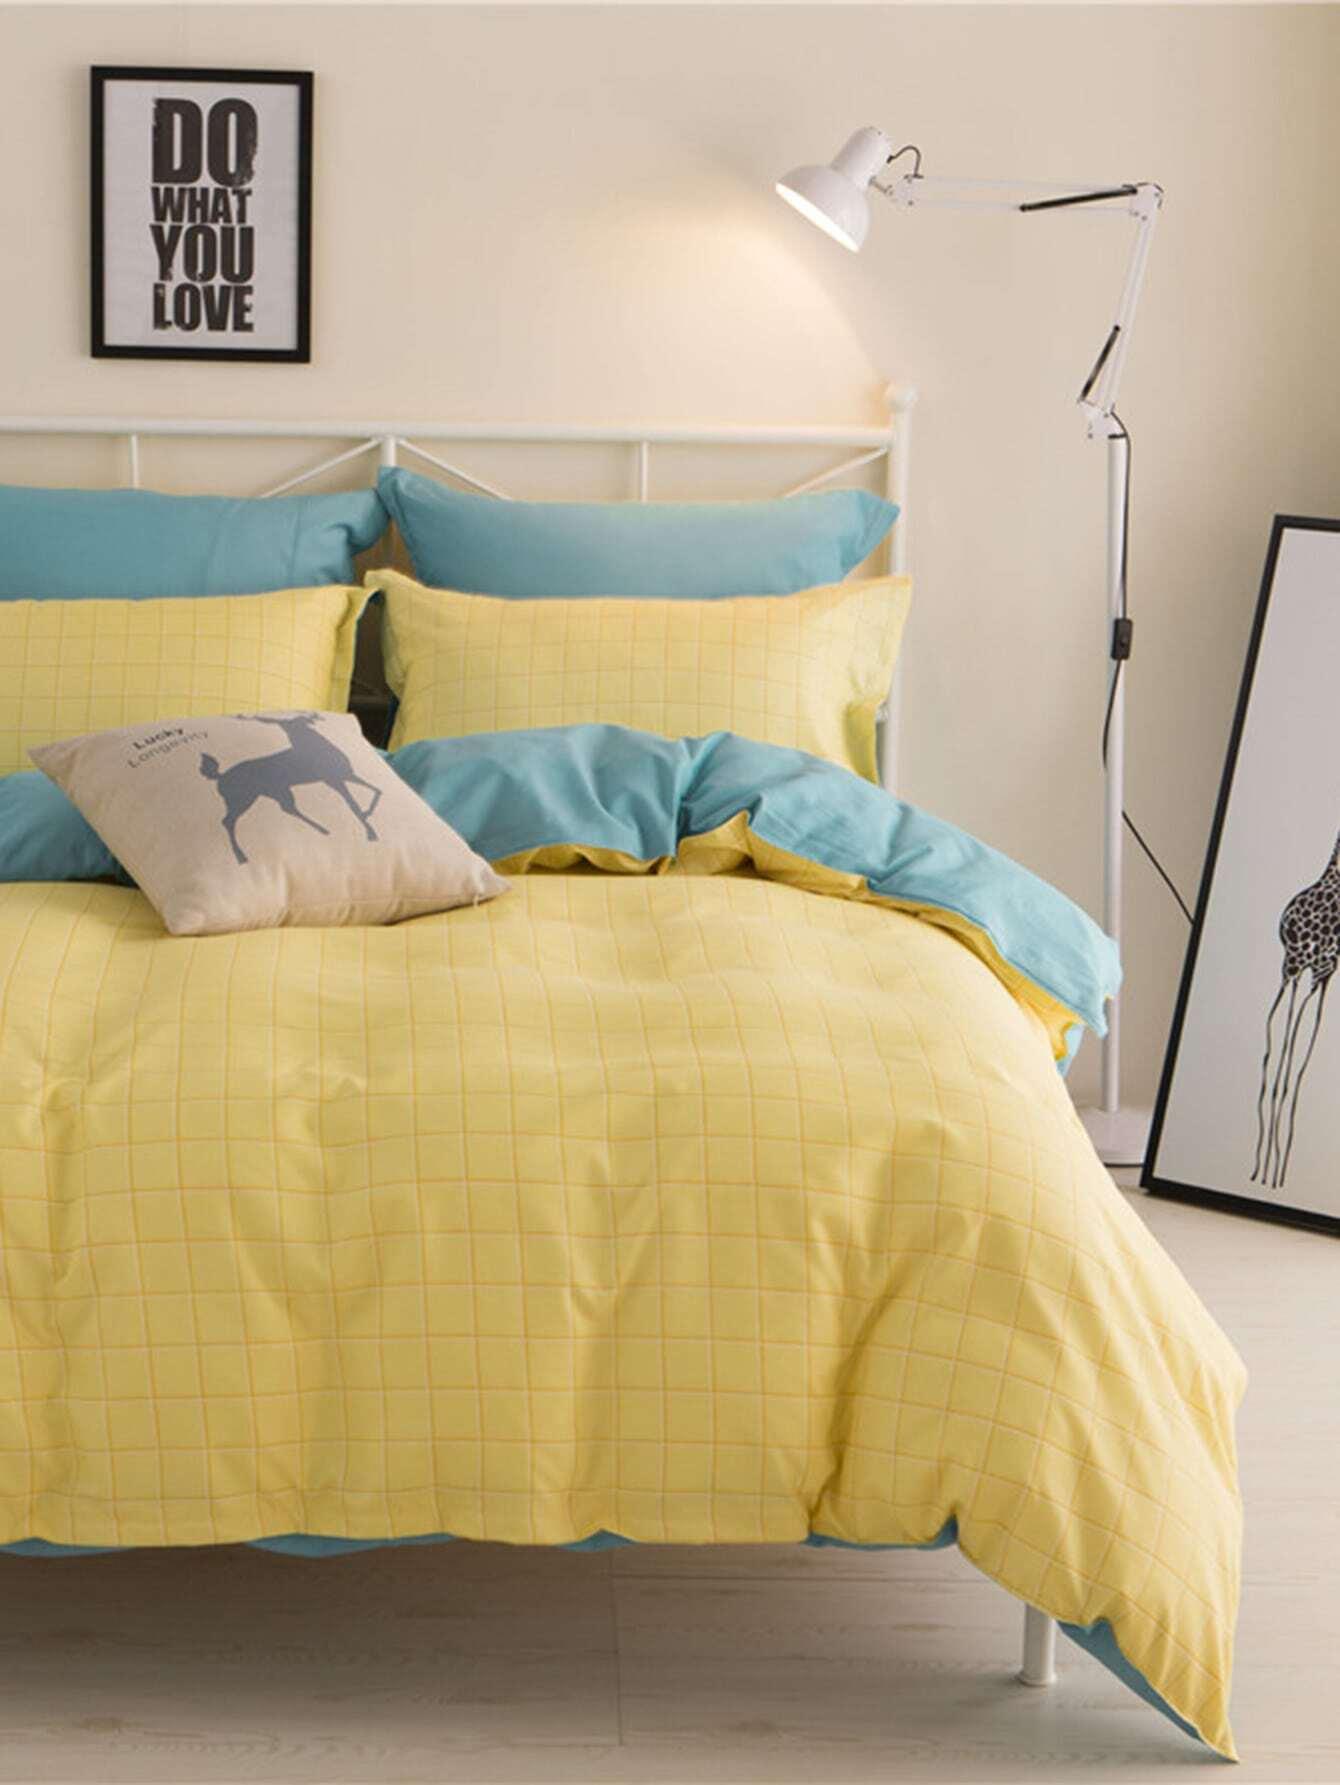 1.8m 4Pcs Grid Print Bed Sheet Set бра leds c4 bed 05 2830 34 34